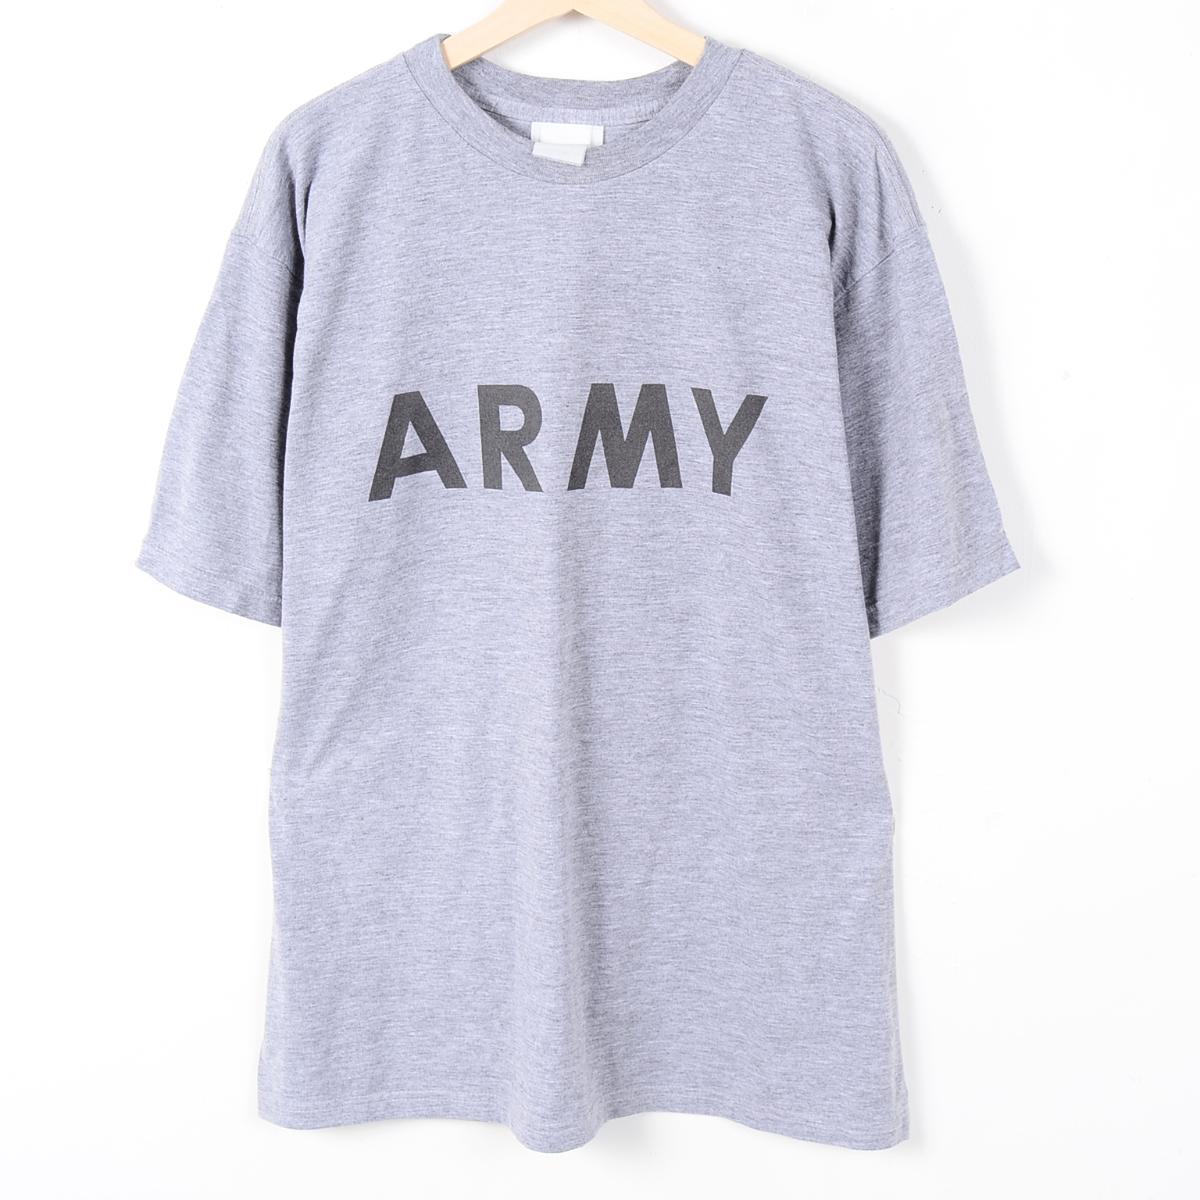 美国真实商品美国陆军军事 T 衬衫男装 L unicor 公司杰瑟普 GA /wet1727 160707